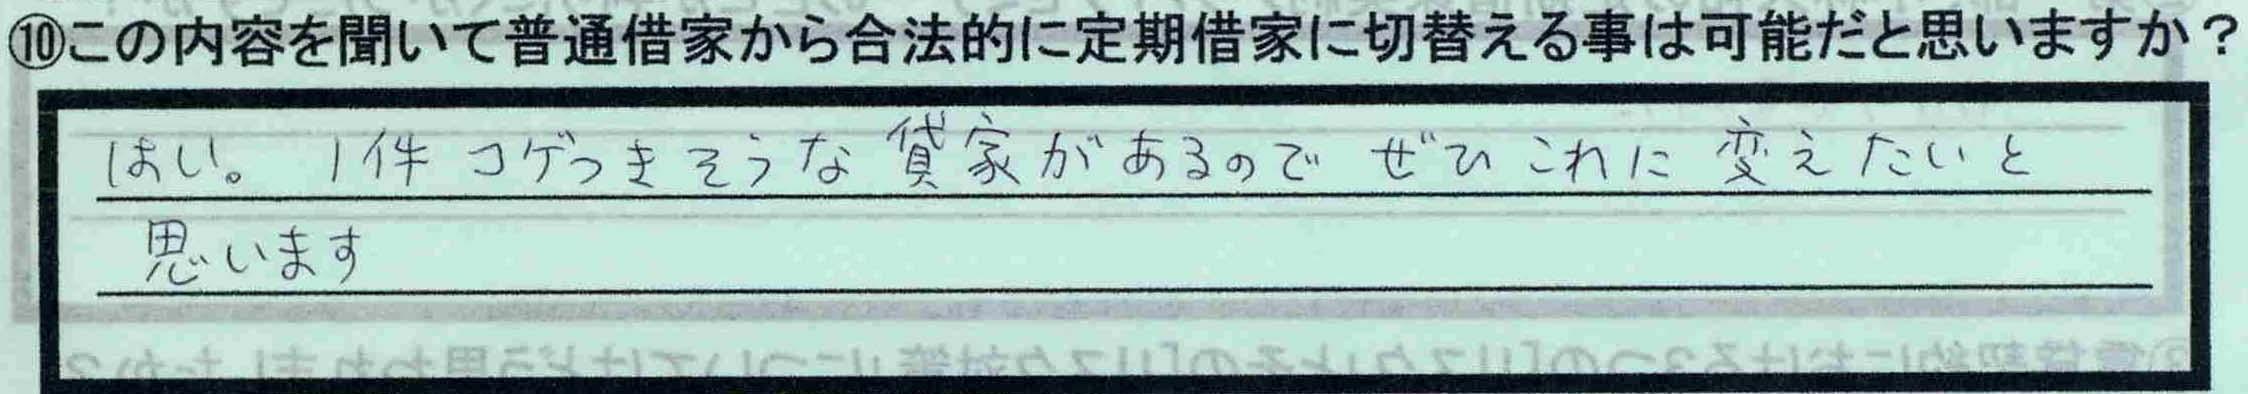 【東京都練馬区】【佐々木桂子さん】【切替可能か?】